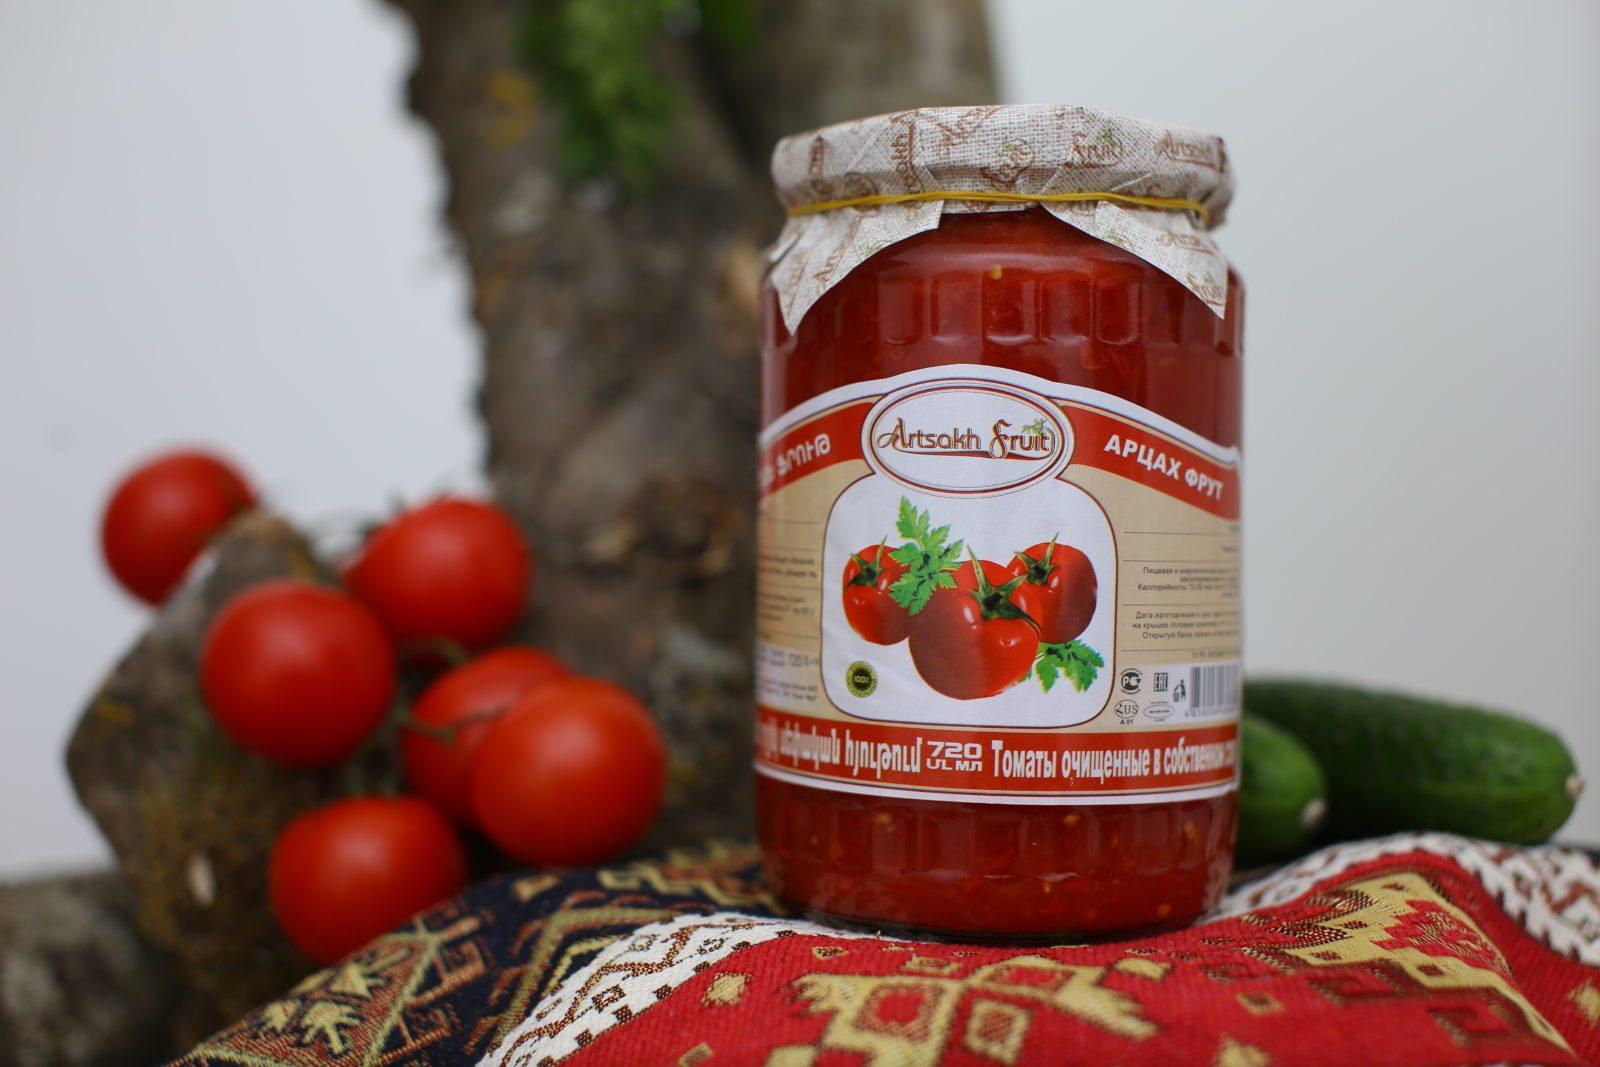 Artsakh Fruit CJSC Armenian Branch